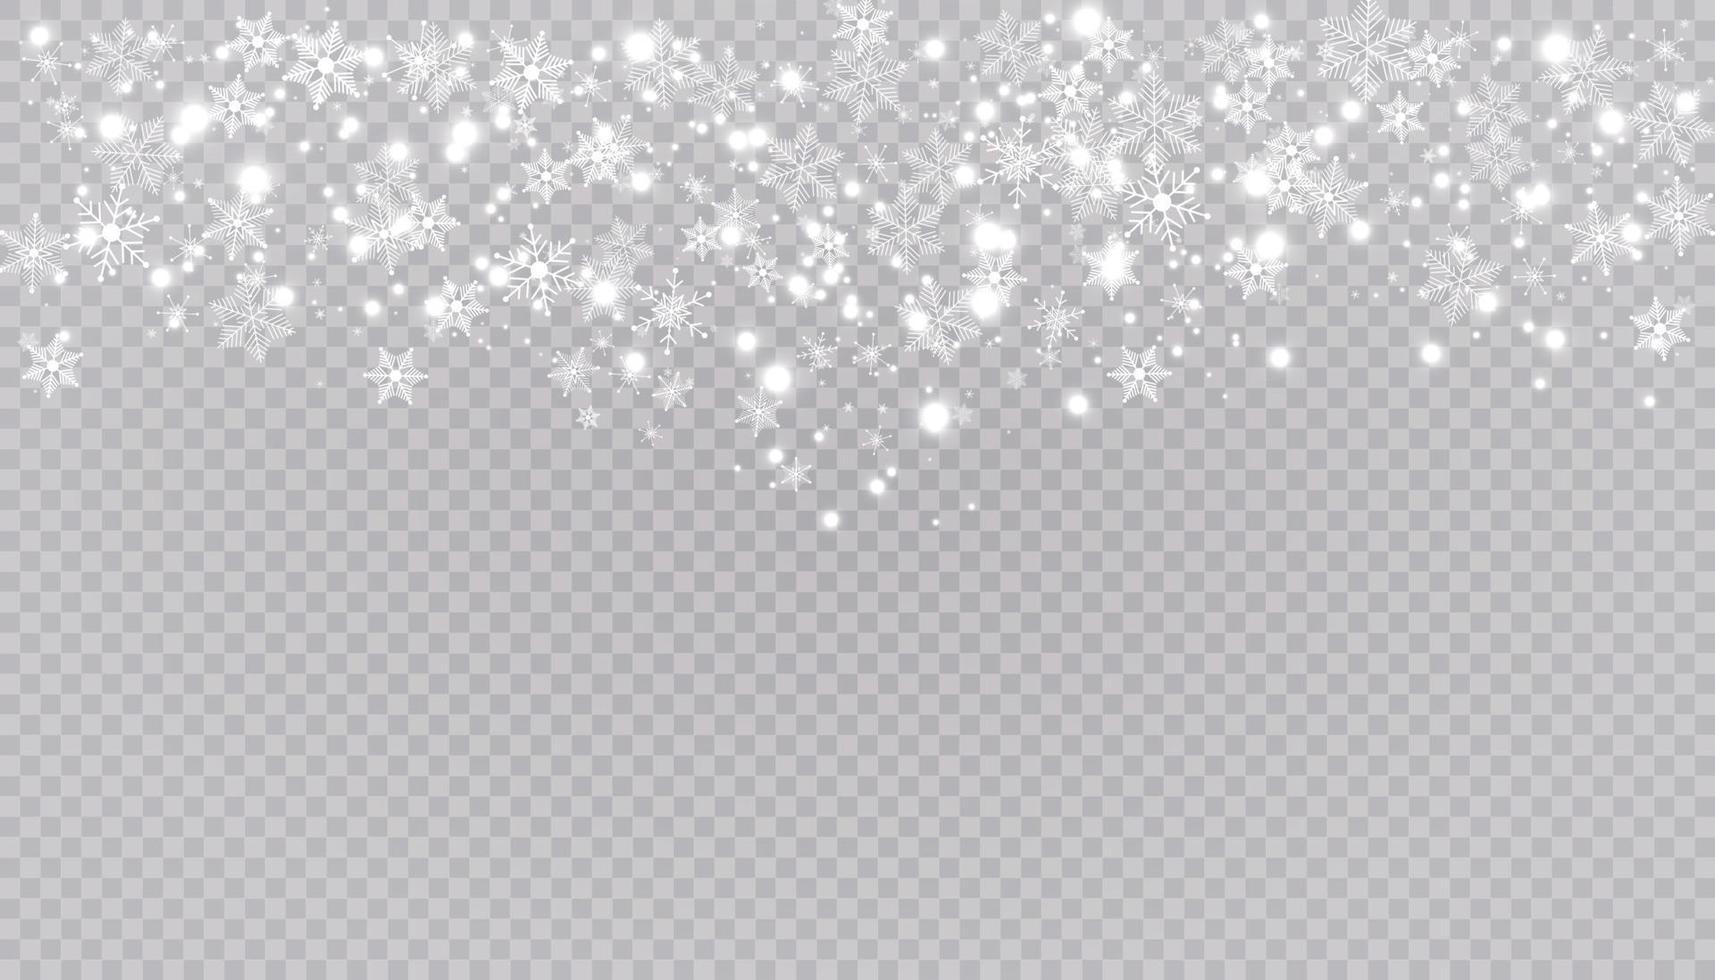 weißer Schnee fliegt Hintergrund. Weihnachtsschneeflocken. Winter Schneesturm Hintergrund Illustration. vektor